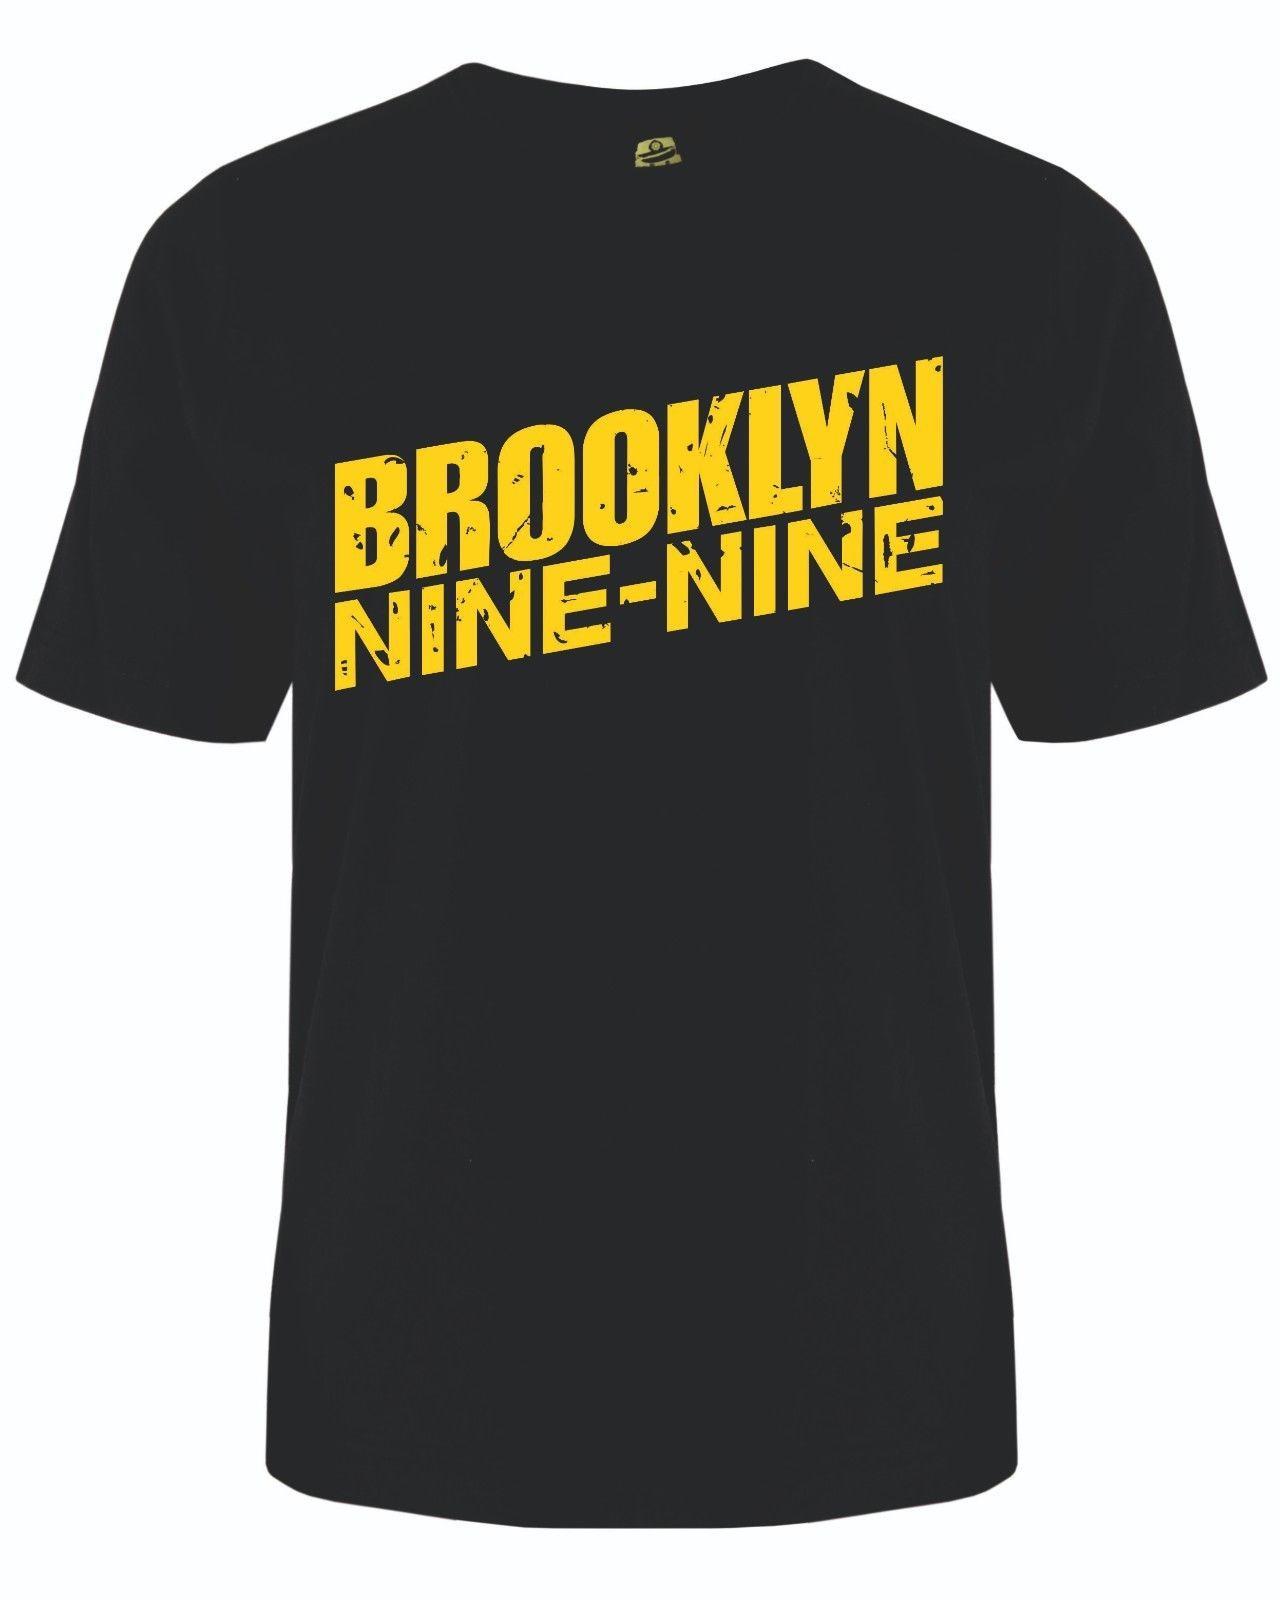 64b24a293d8a4 Acheter Brooklyn Nine Nine T Shirt Ou Gilet Nyc Petit 5xl Funny Expédition  Gratuite Unisexe Casual Cadeau Tshirt De  10.28 Du Wildmarkstore